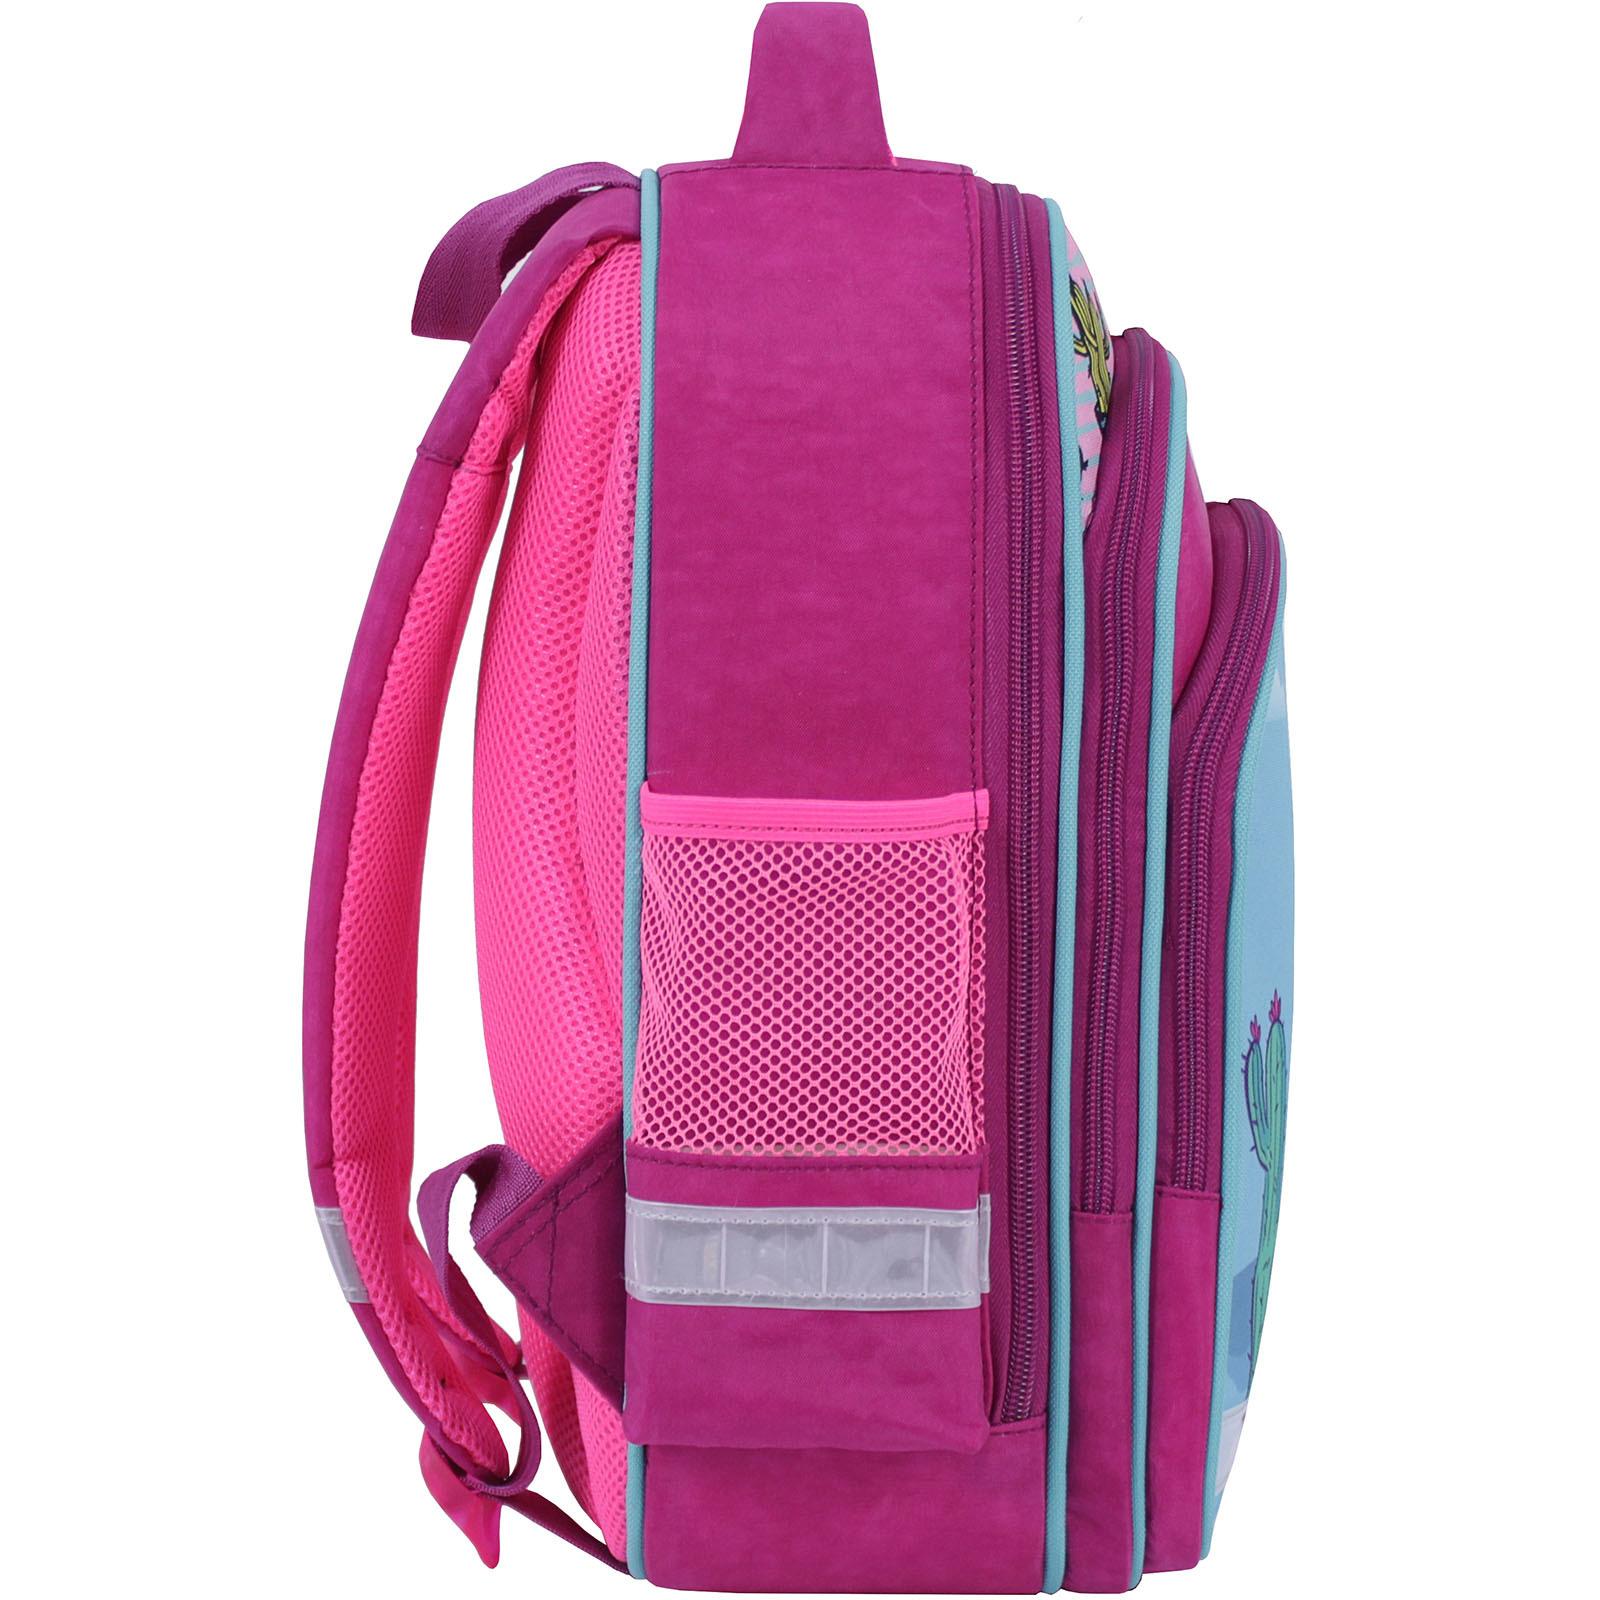 Рюкзак школьный Bagland Mouse 143 малиновый 617 (0051370) фото 2